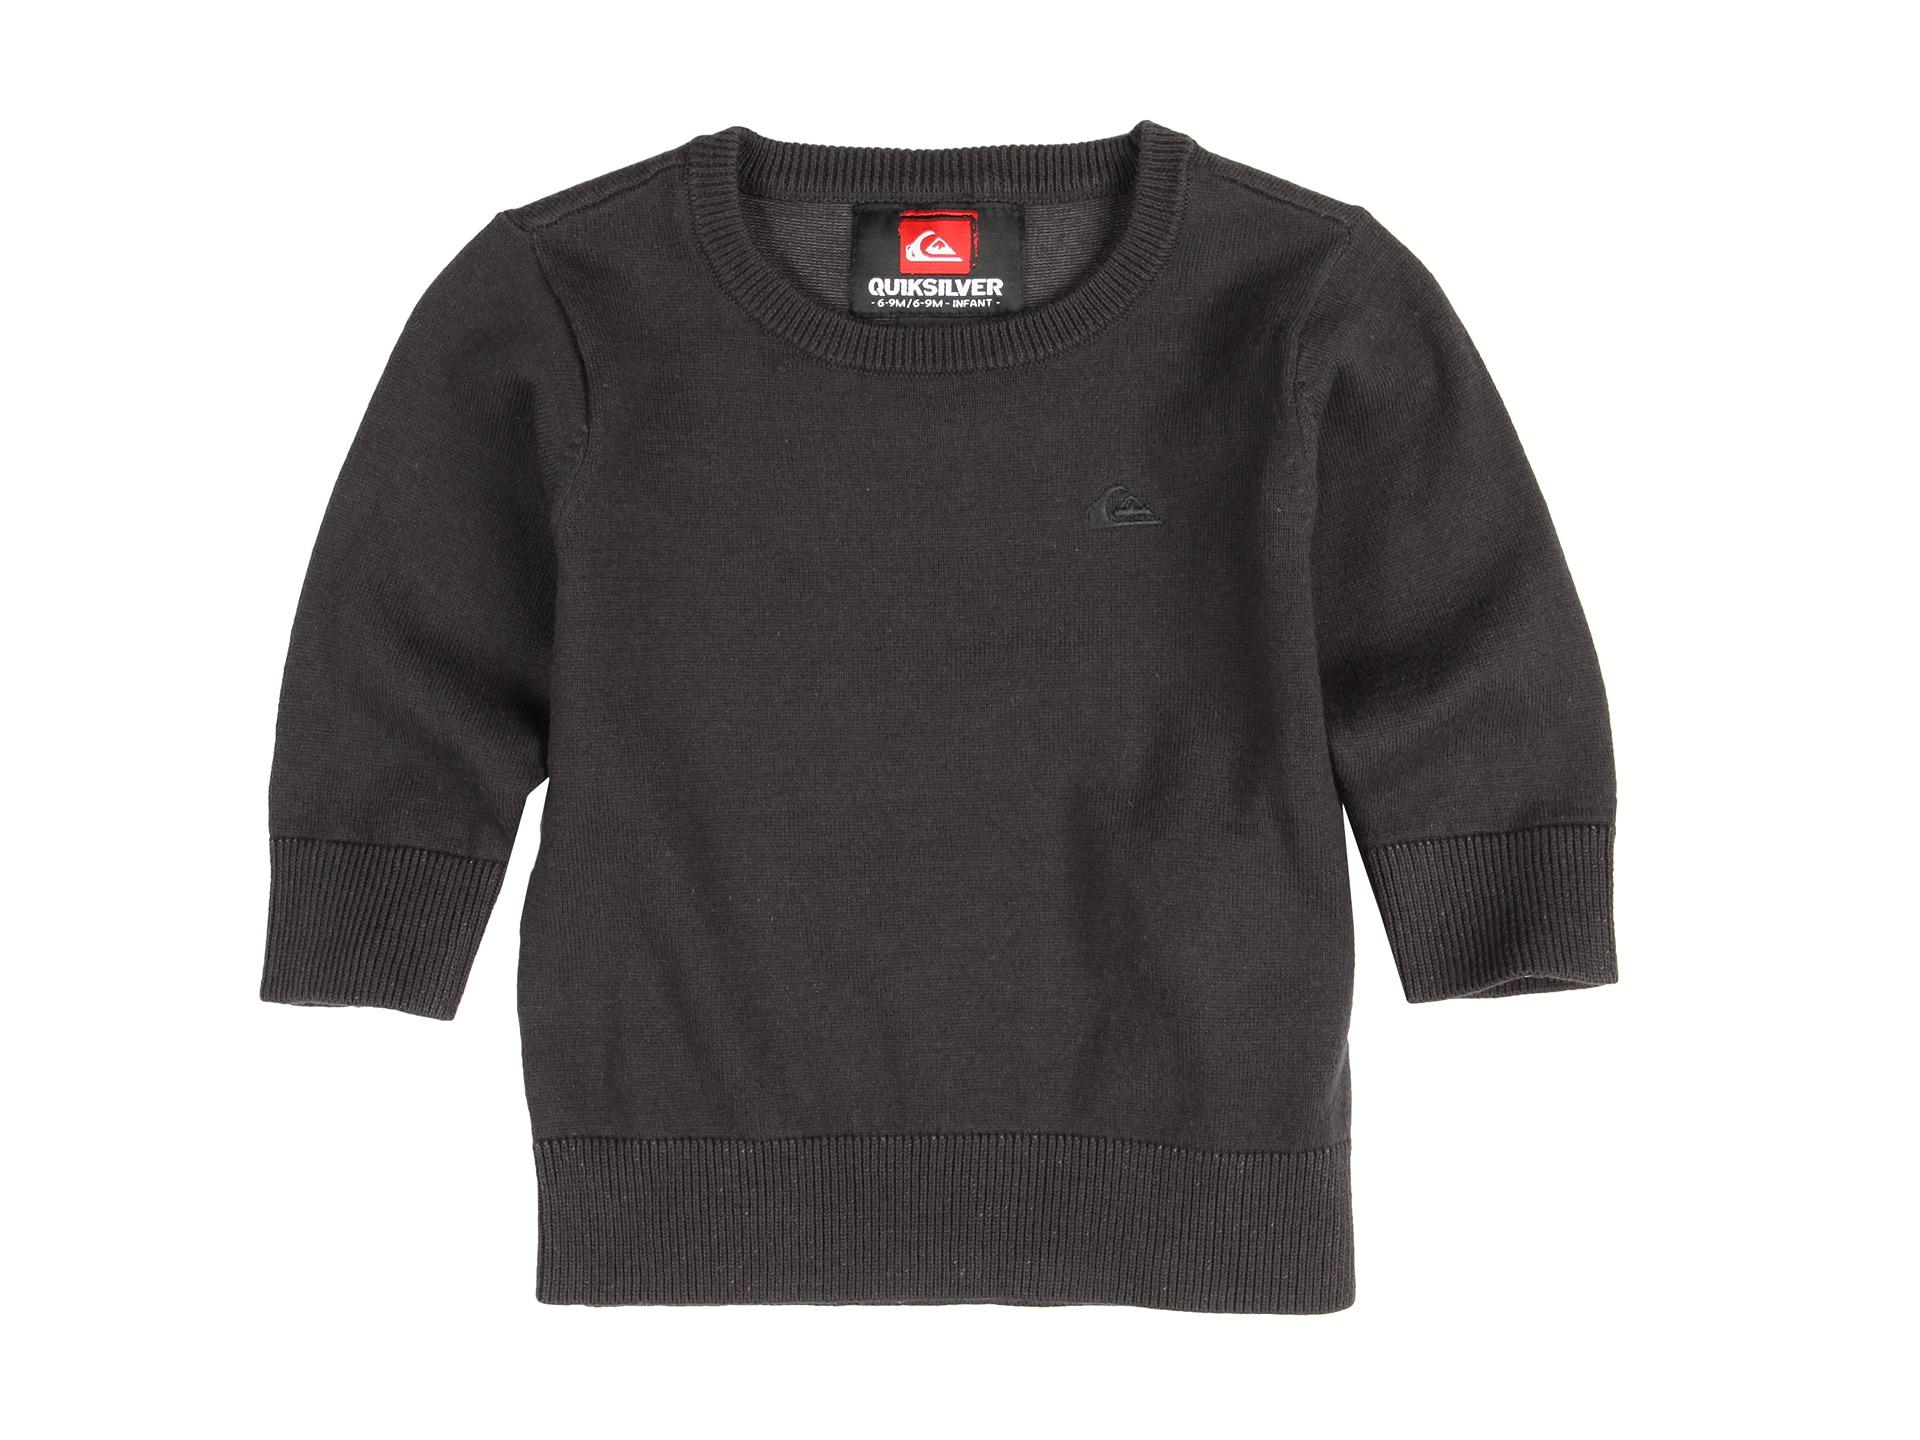 Quiksilver Kids Wingo Sweater (Infant) $16.99 (  MSRP $36.00)